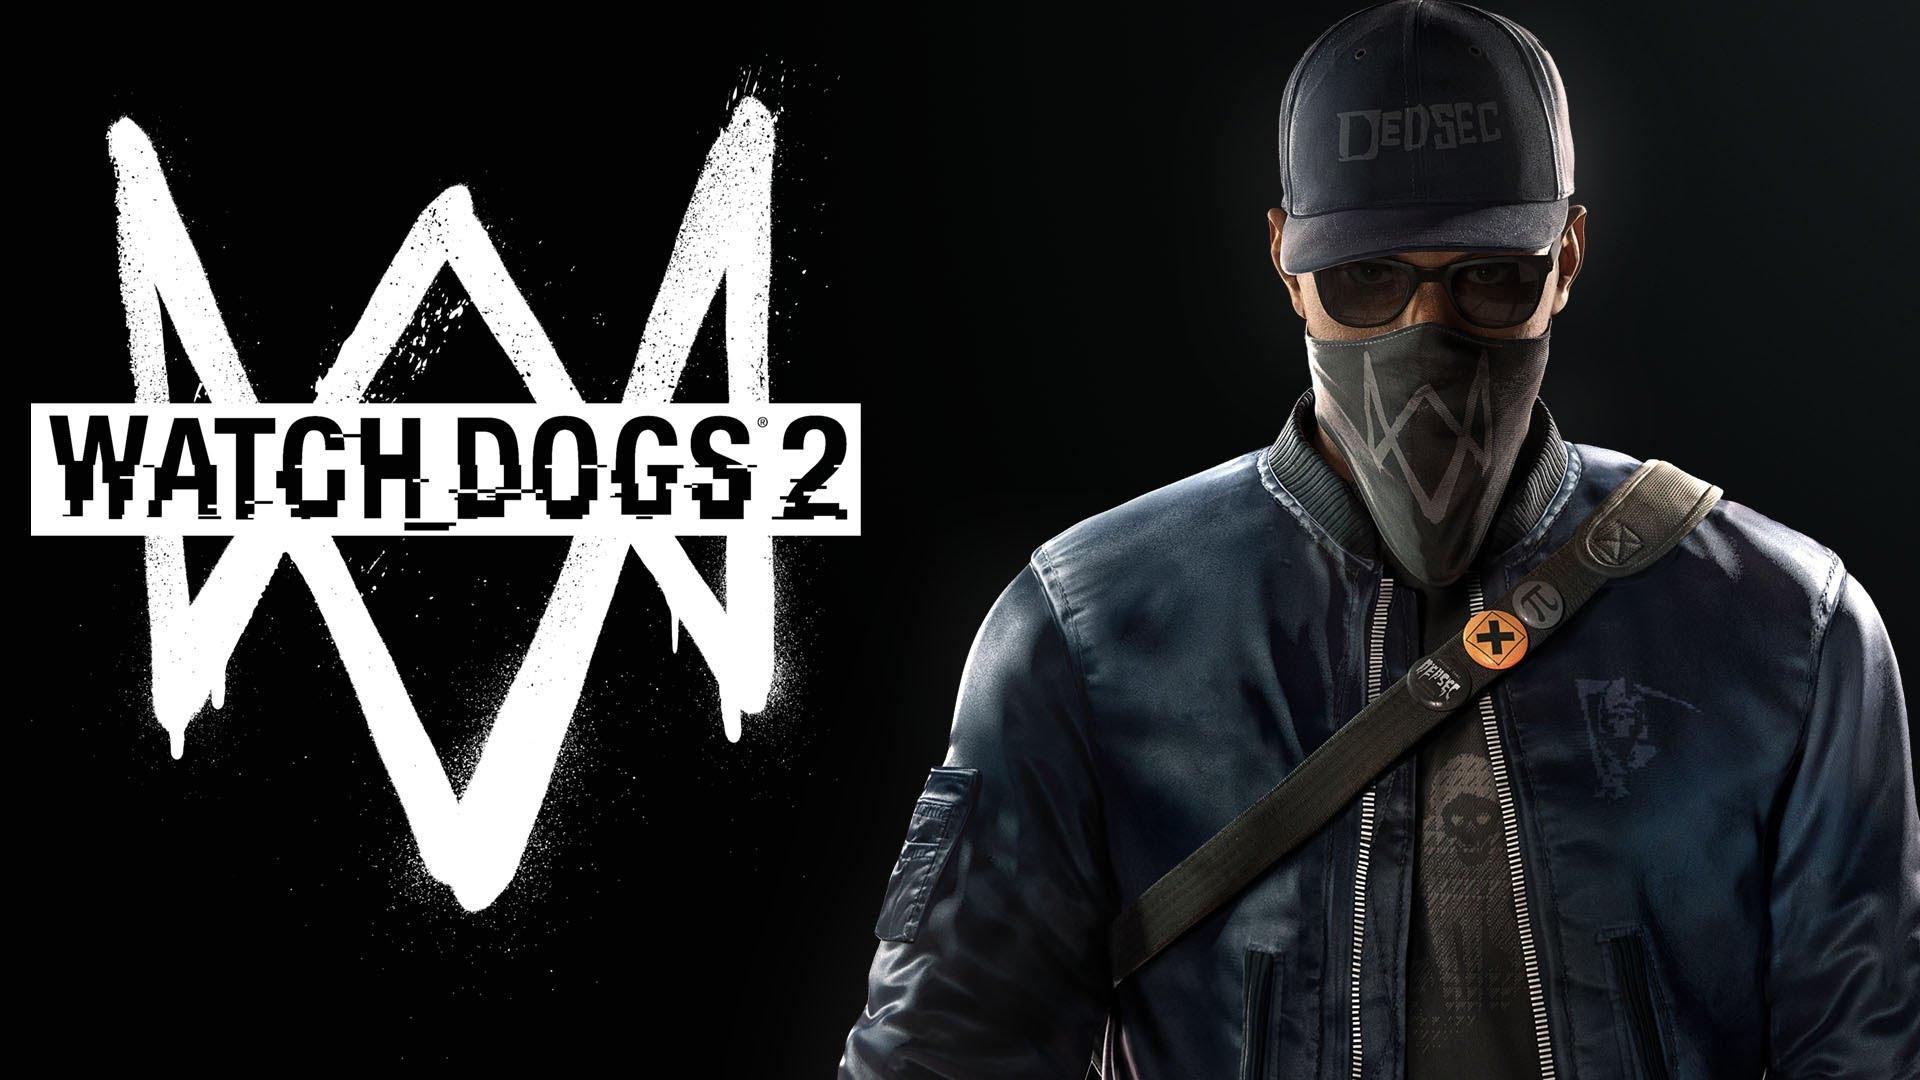 Watch Dogs 2 - Ein neuer Trailer zum Hacking-Blockbuster!